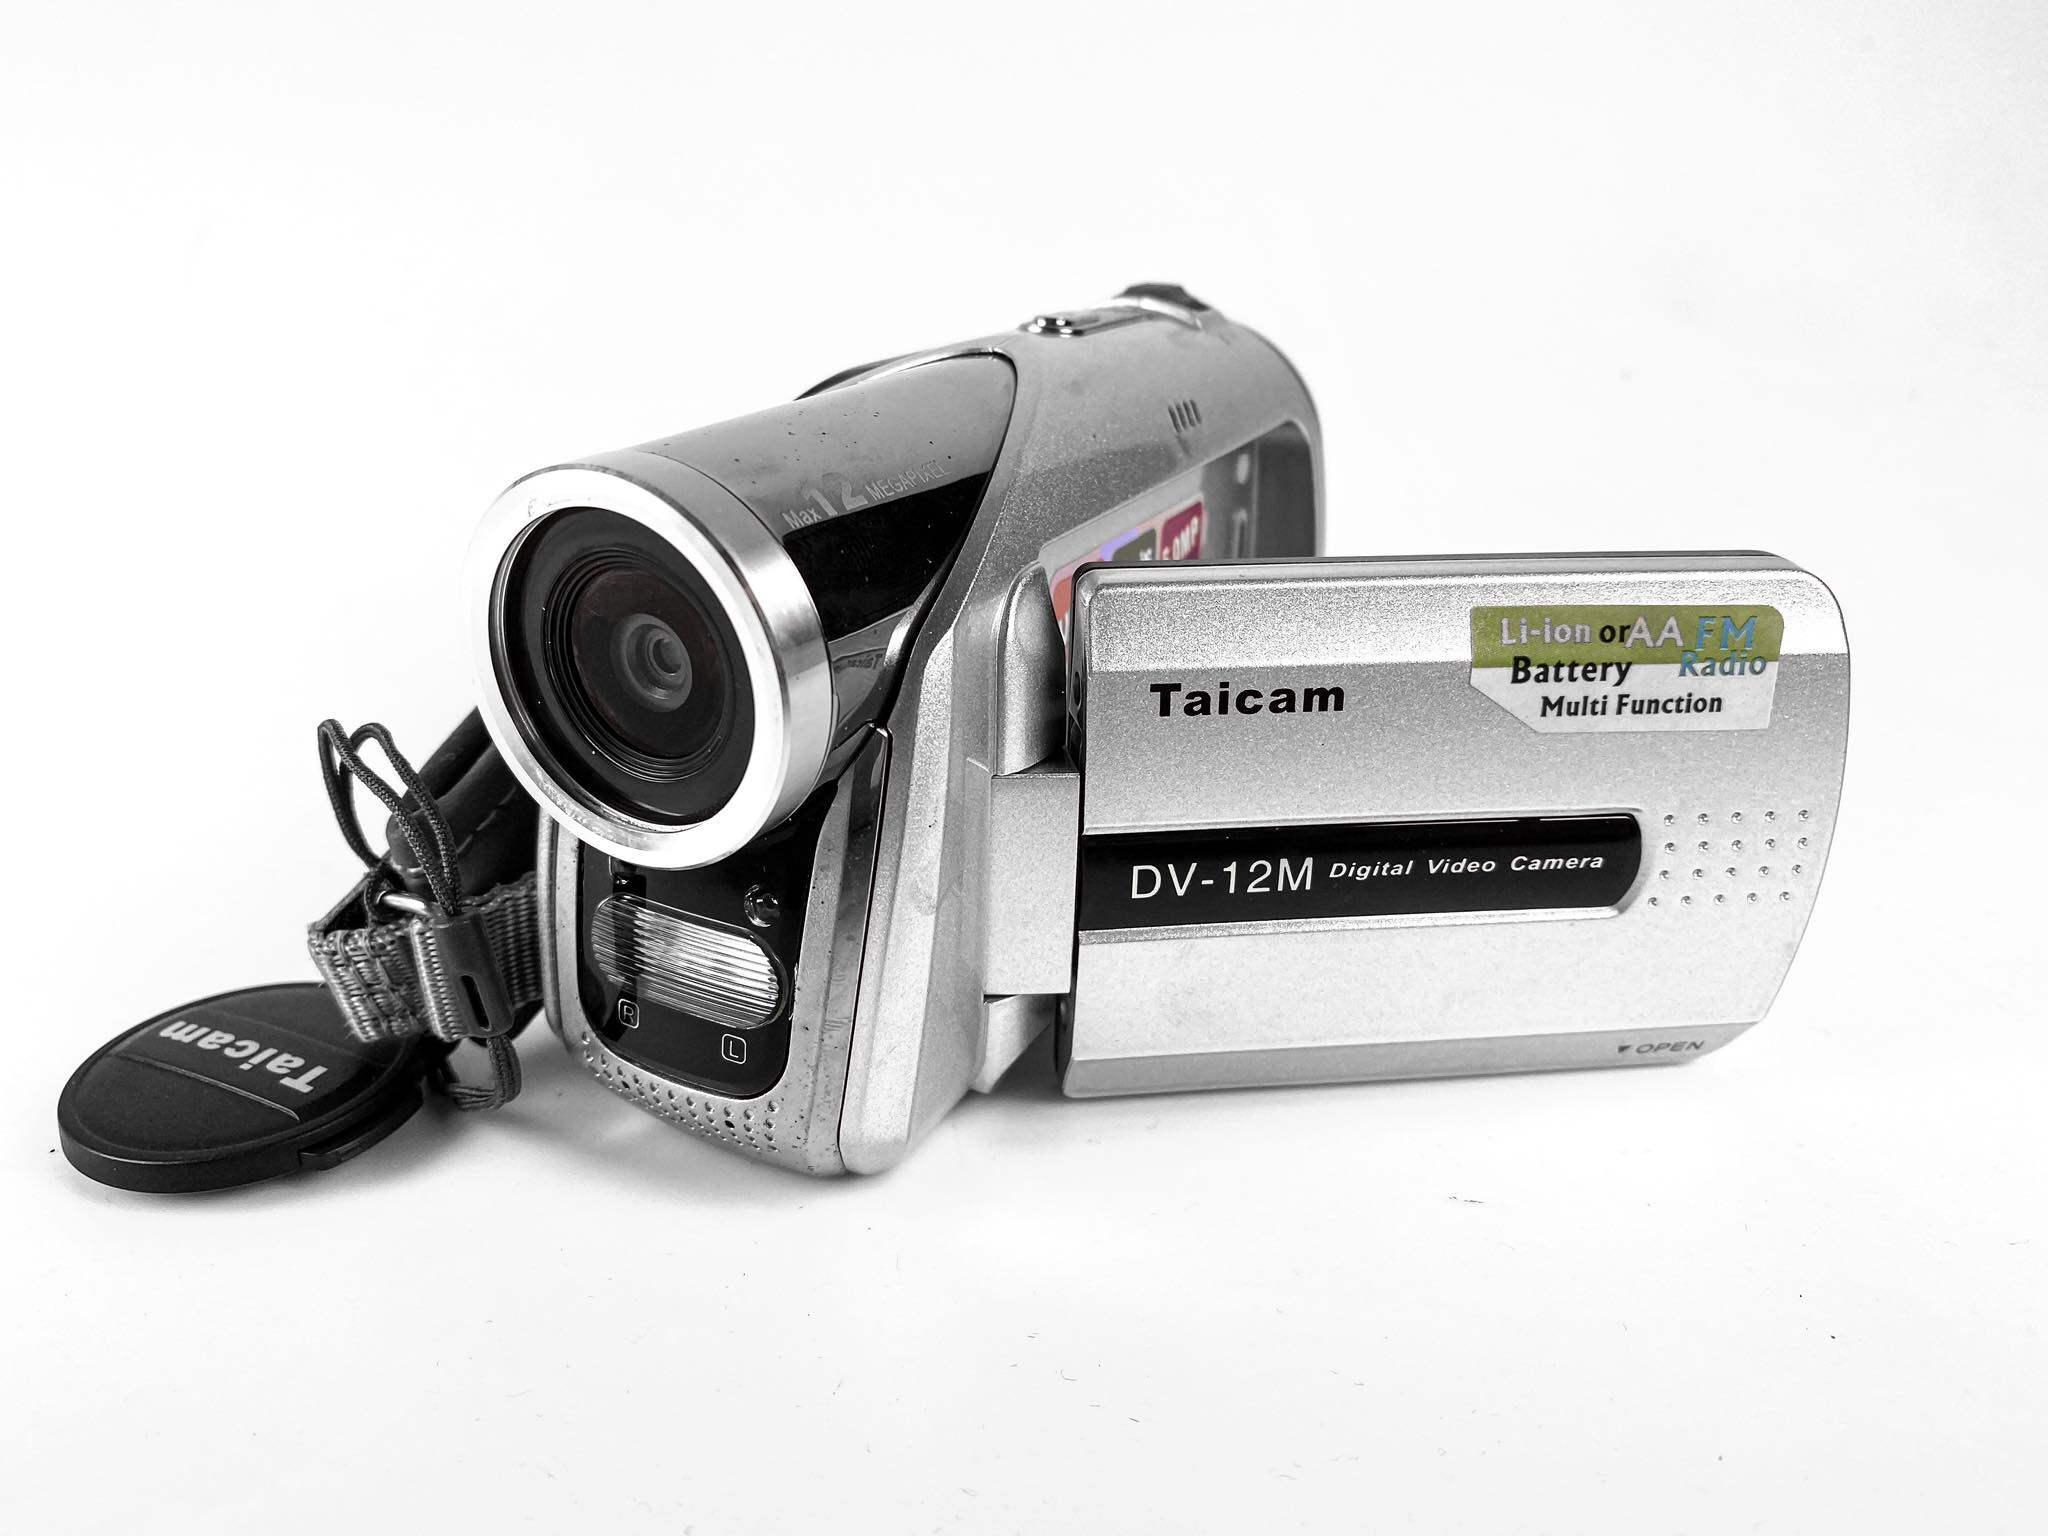 กล้อง Taicam Digital Video Camera รุ่น Dv-12m สุดยอด Digital Video Camera ที่ไม่ธรรมดา ที่สุดแห่งความสามารถ...